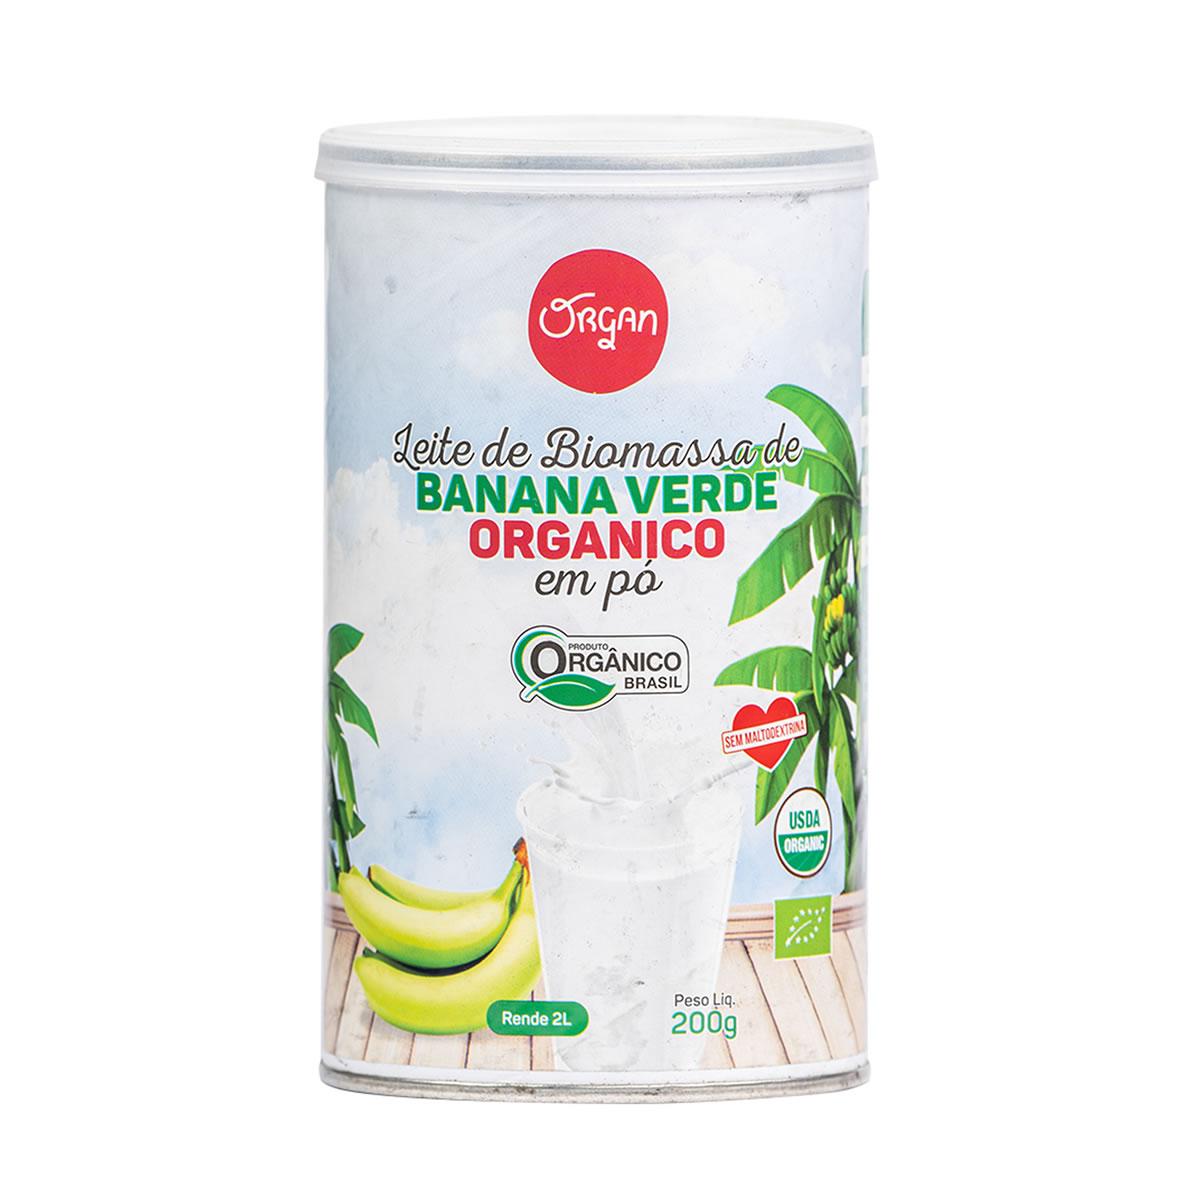 Leite de Biomassa de Banana Verde em Pó Orgânico 200g - Organ